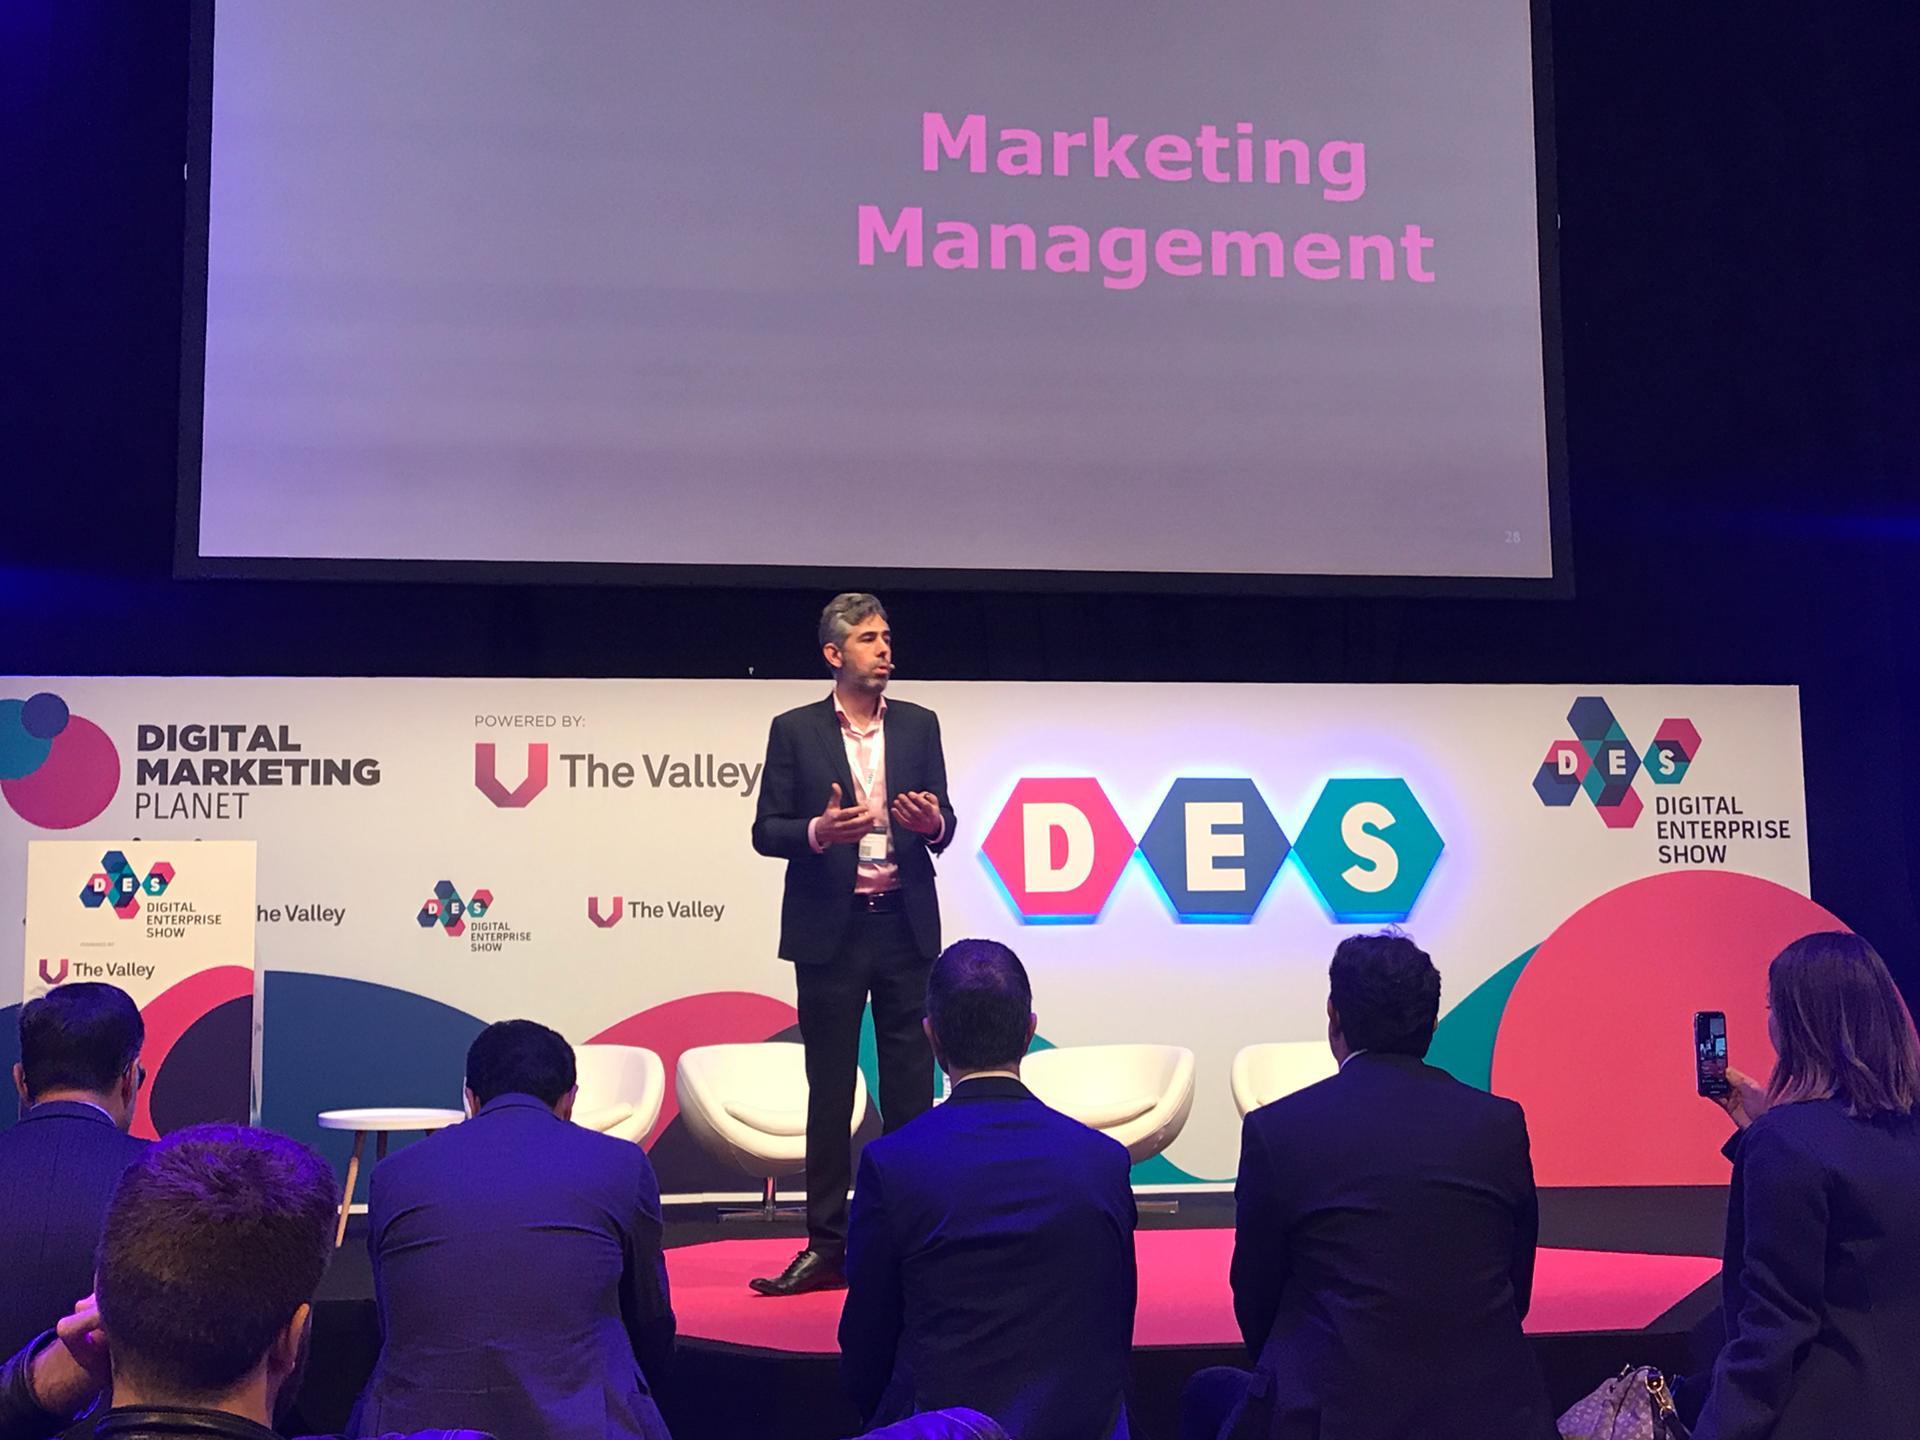 Foto. Nino Carvalho, usa calça e blazer escuros e está em cima de um palco. Atrás dele, 4 cadeiras brancas e 1 banner do DES Madrid 20119. Na platéia algumas pessoas assistindo a palestra.